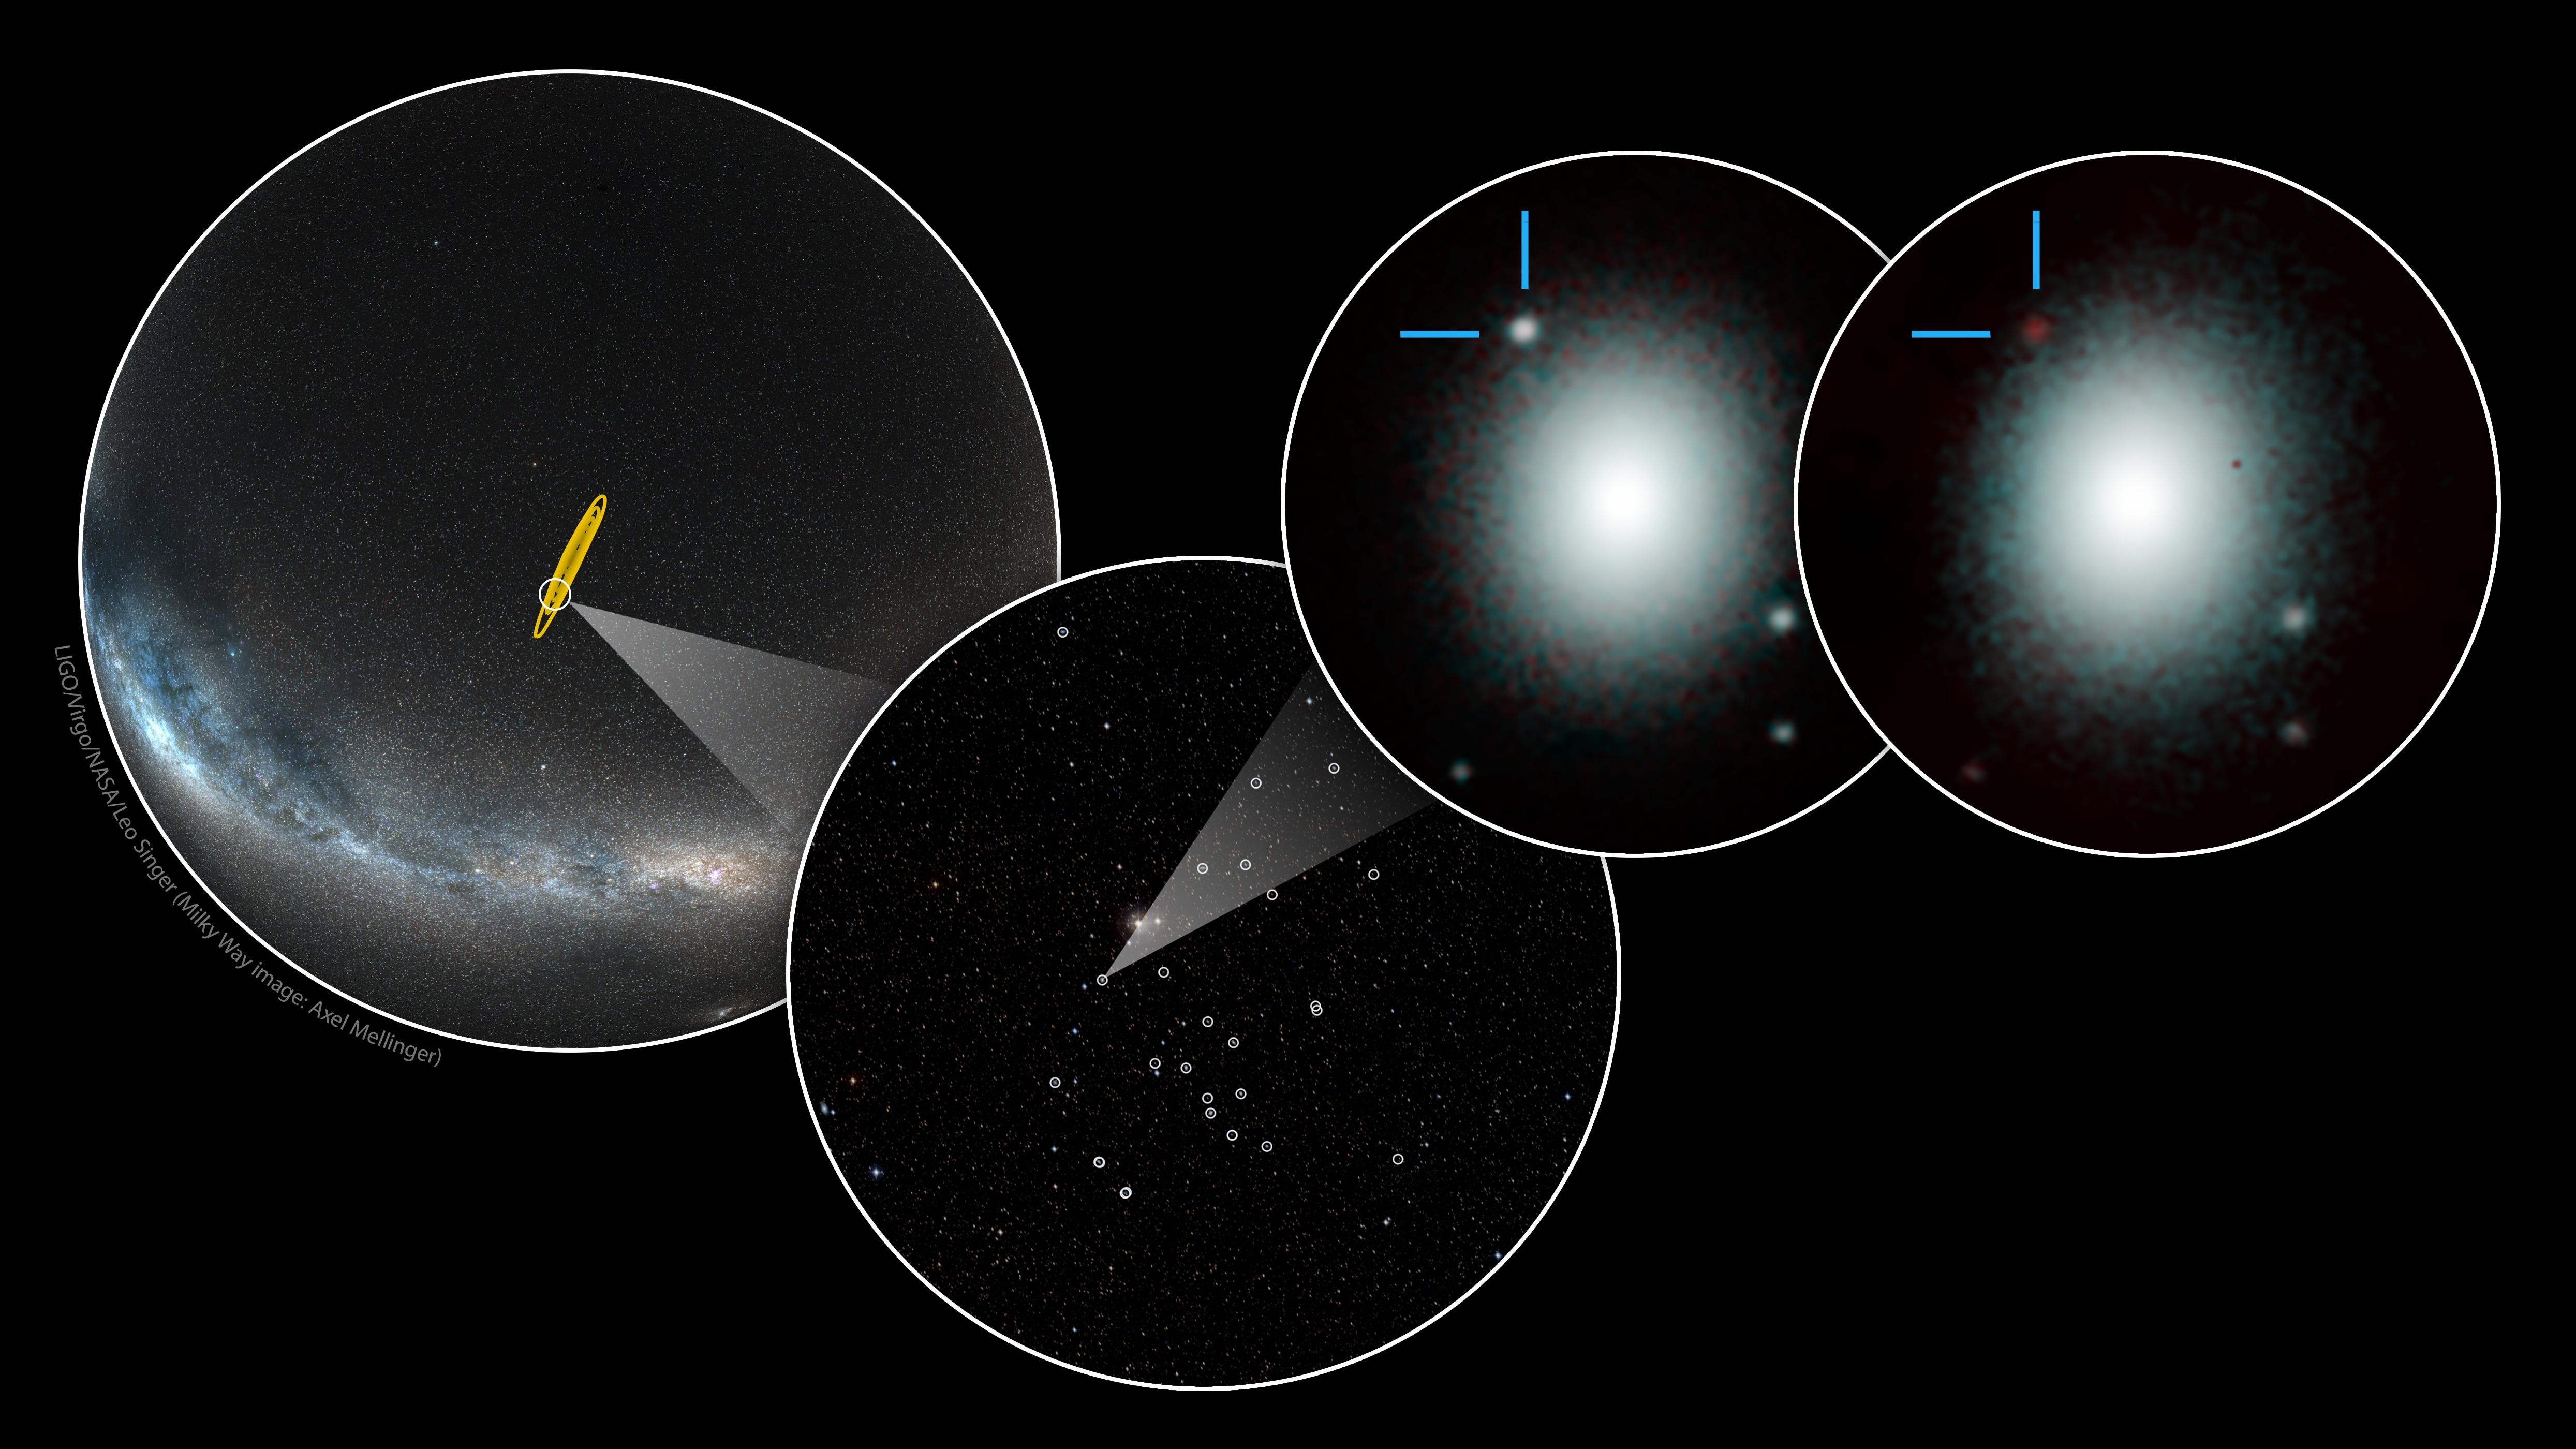 neutron star merger - HD4978×2800